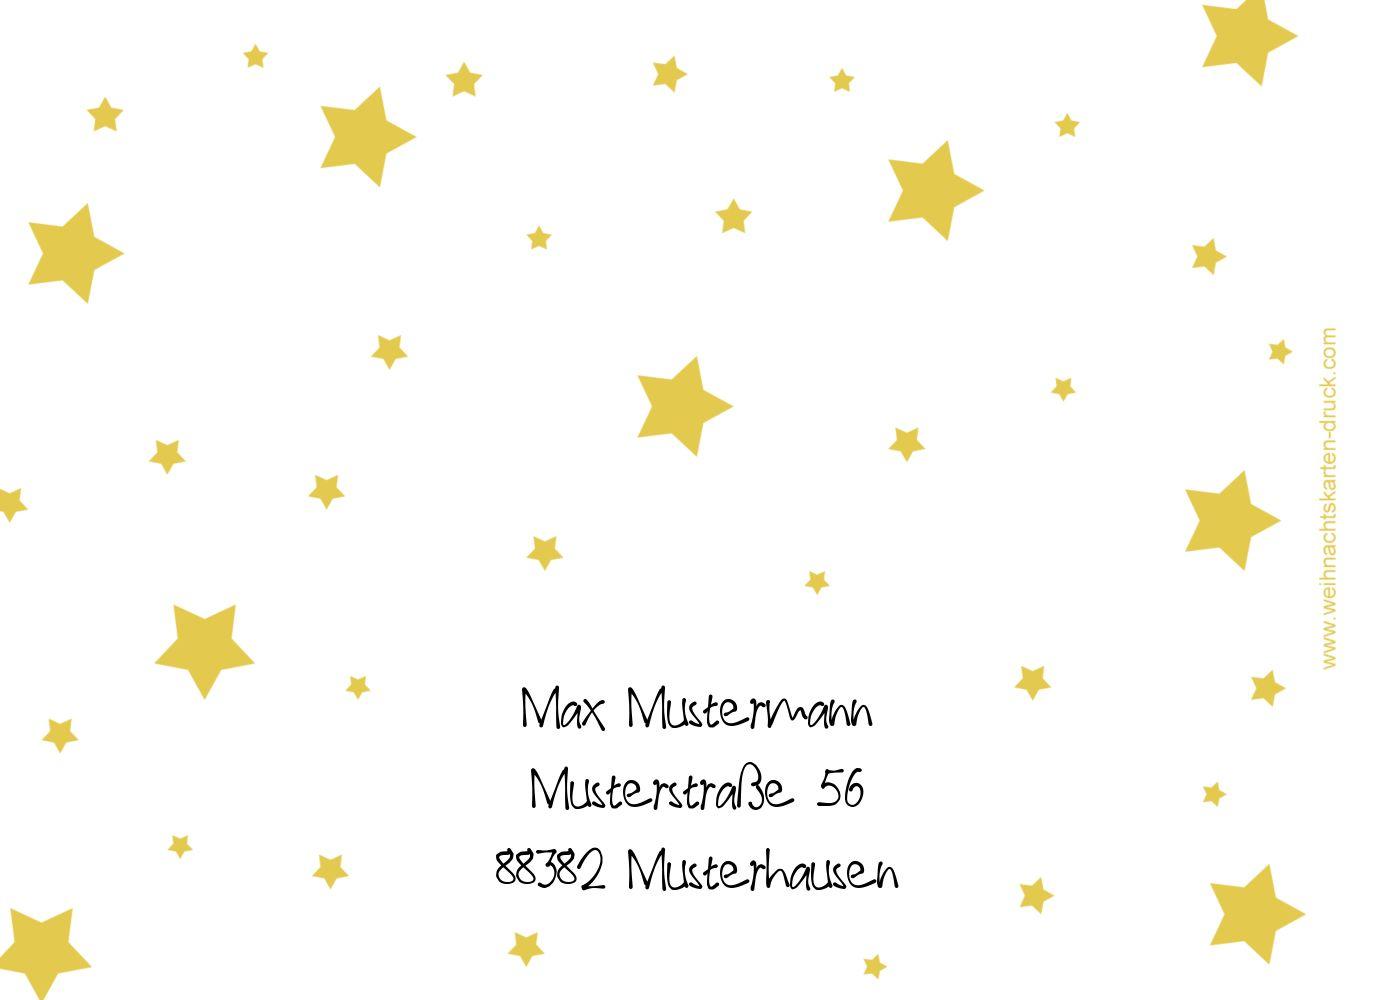 Ansicht 2 - Foto Einladung Sterne